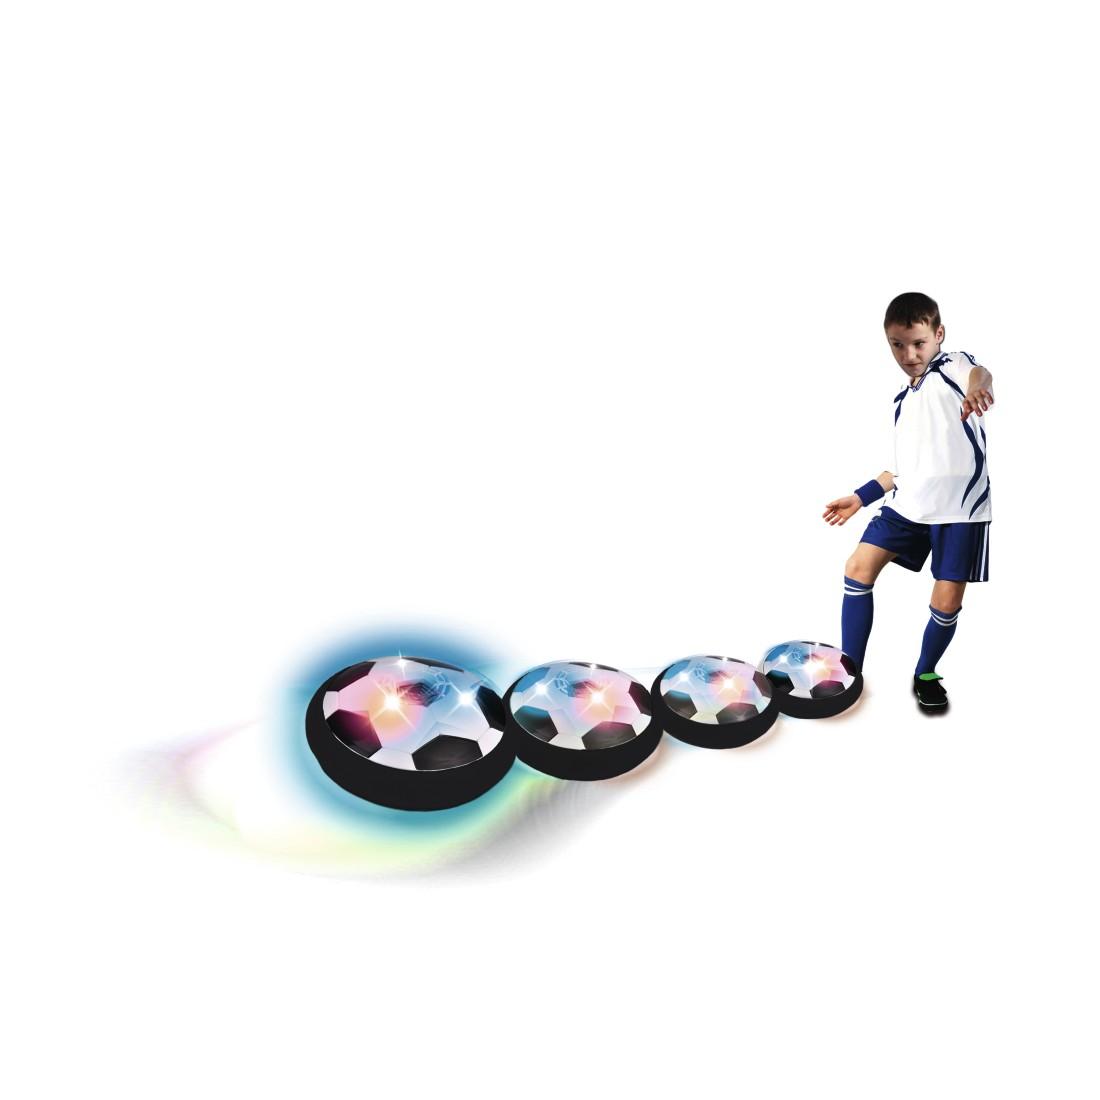 3a9687efb awx High-Res Appliance - Hama, Poduszka powietrzna w kształcie piłki nożnej